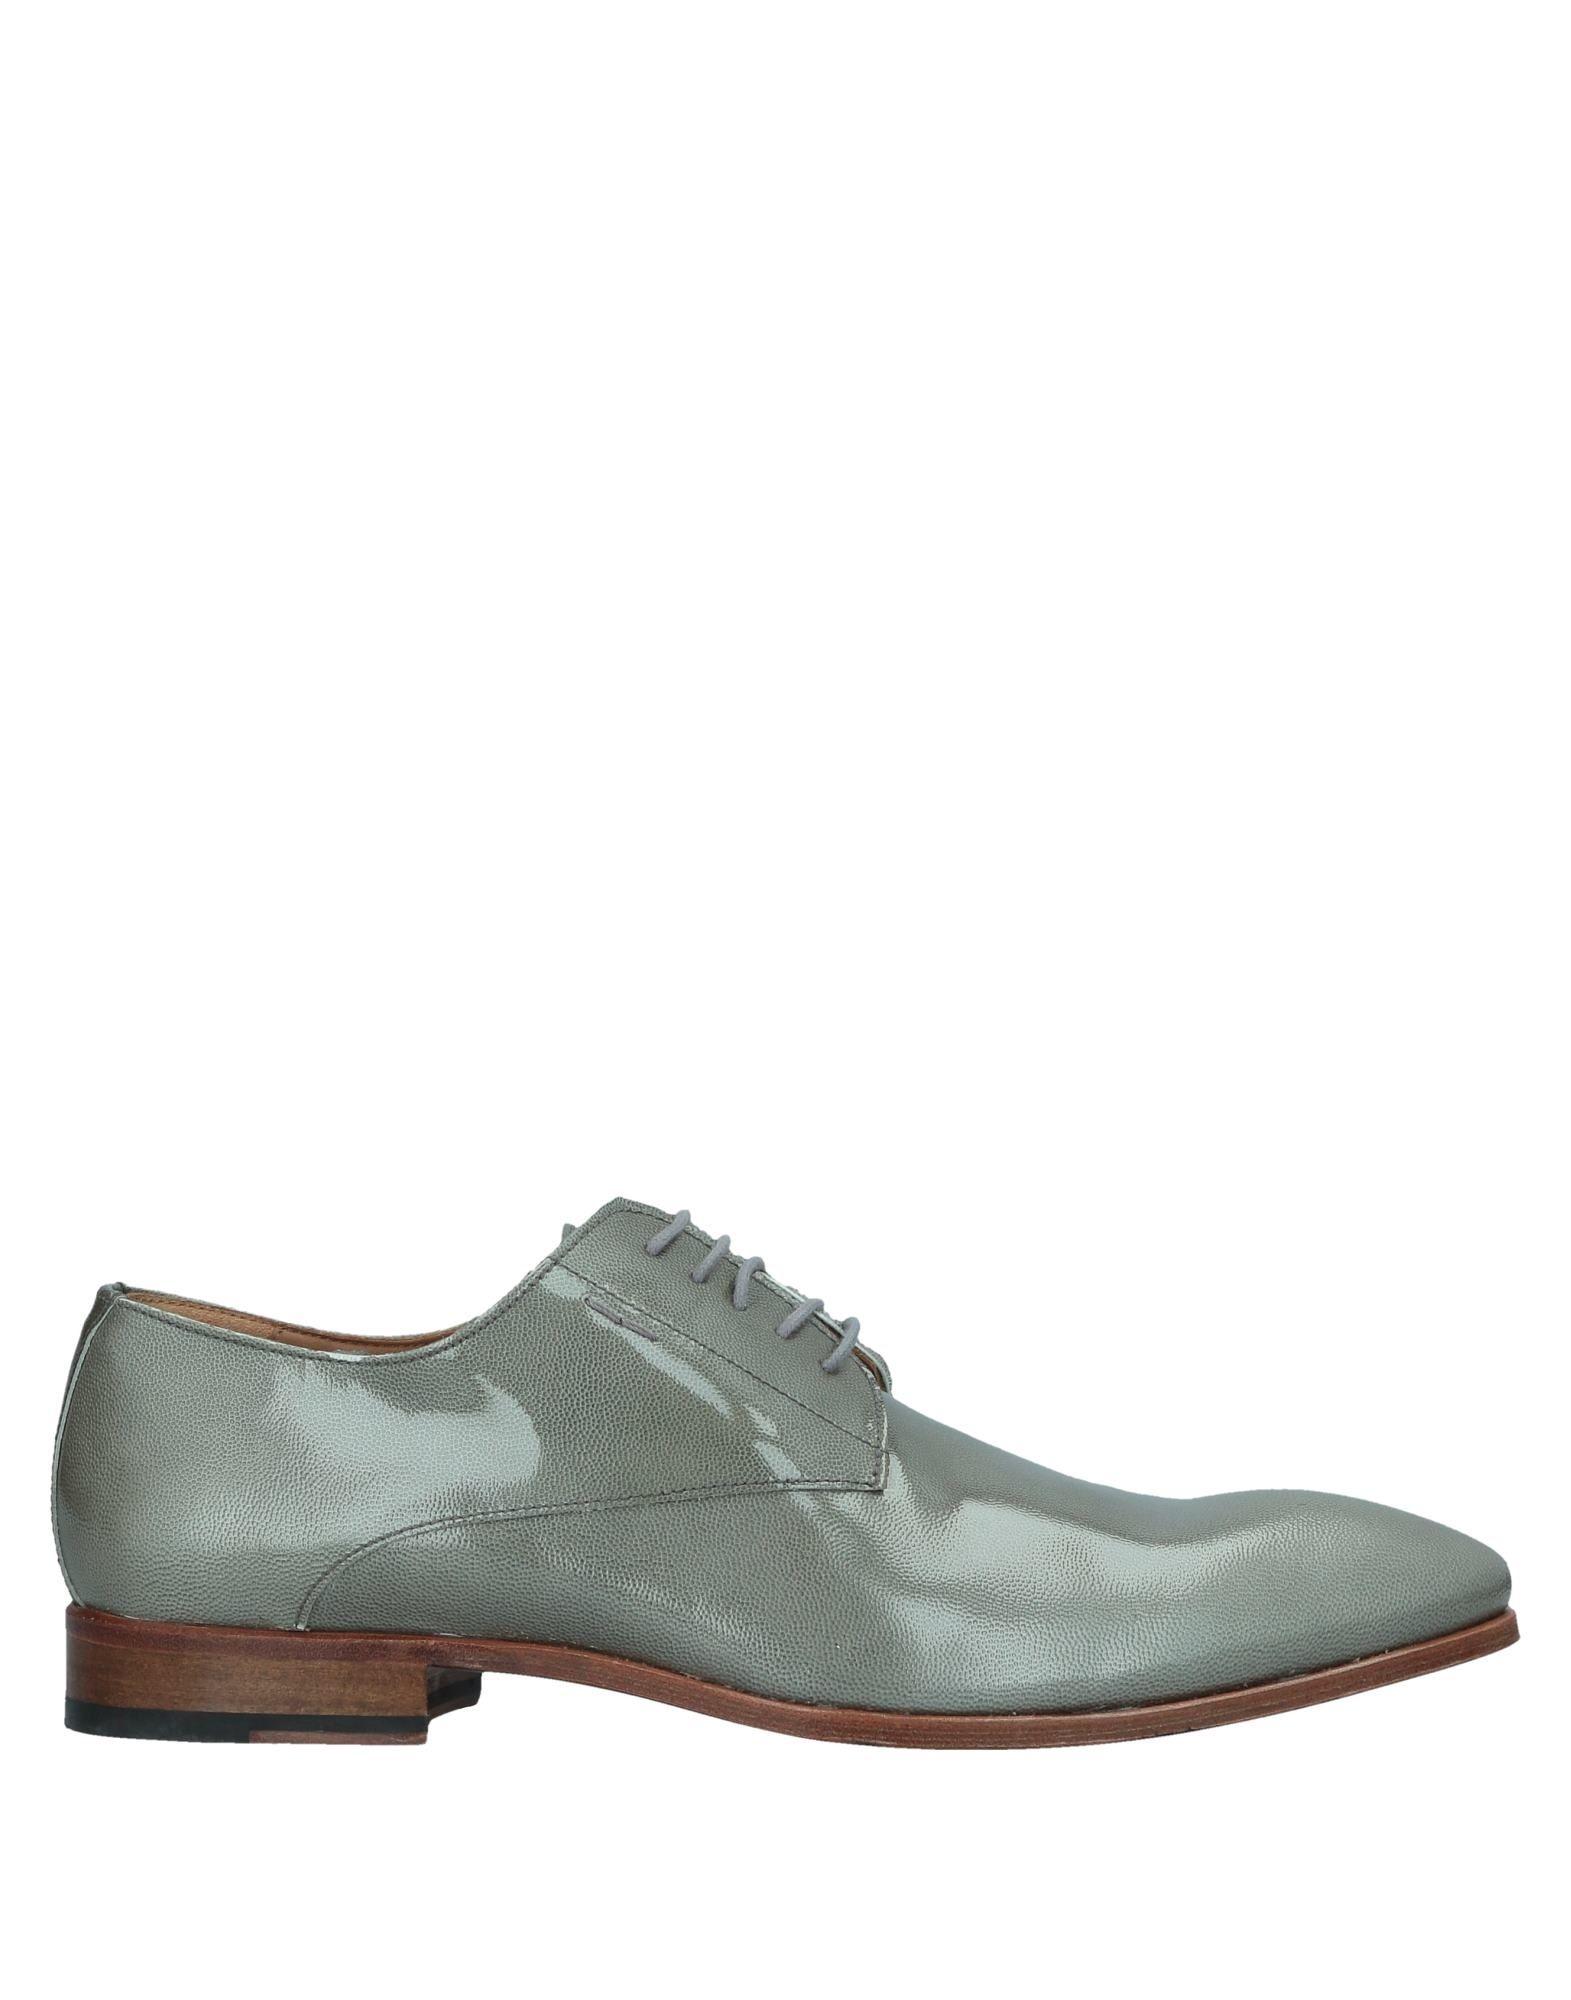 Kenzo Schnürschuhe Herren  11535058XI Gute Qualität beliebte Schuhe